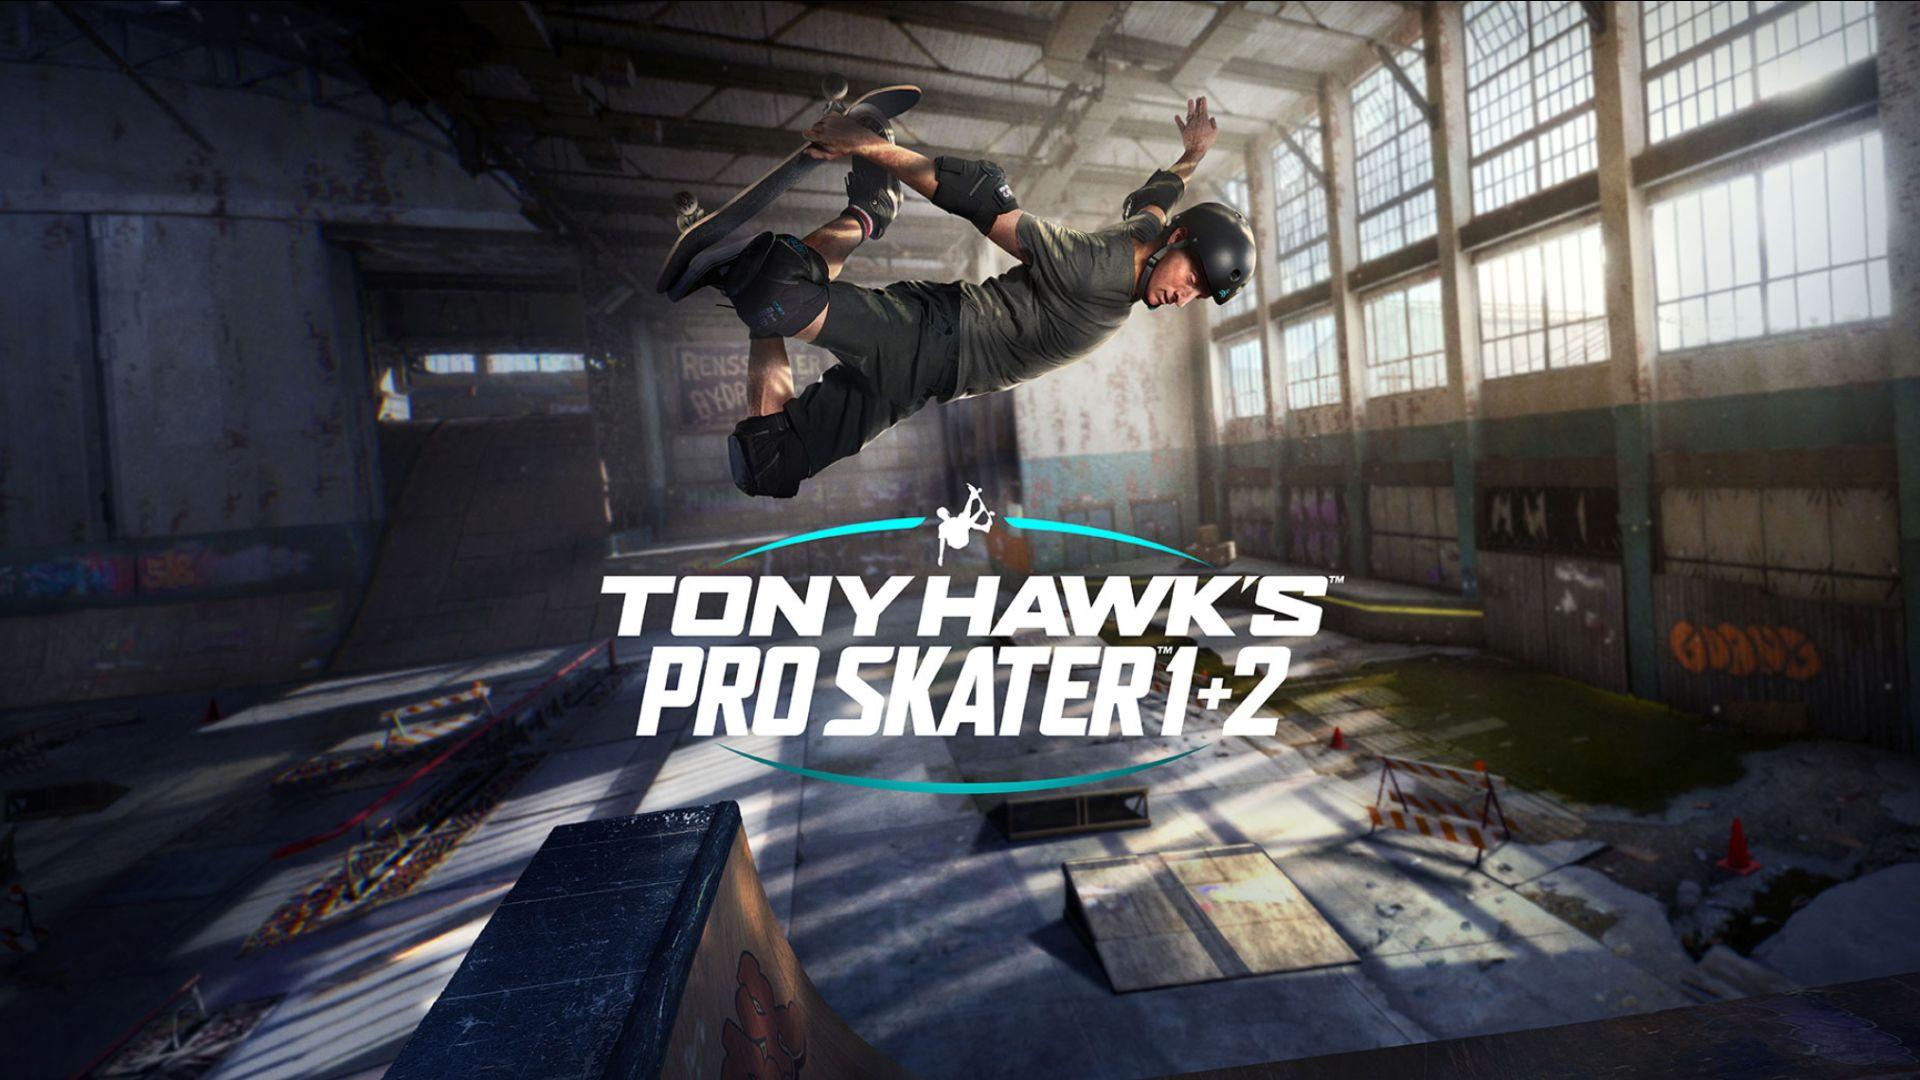 Tony Hawk's Pro Skater 1 i 2 stižu u remasteriranoj verziji